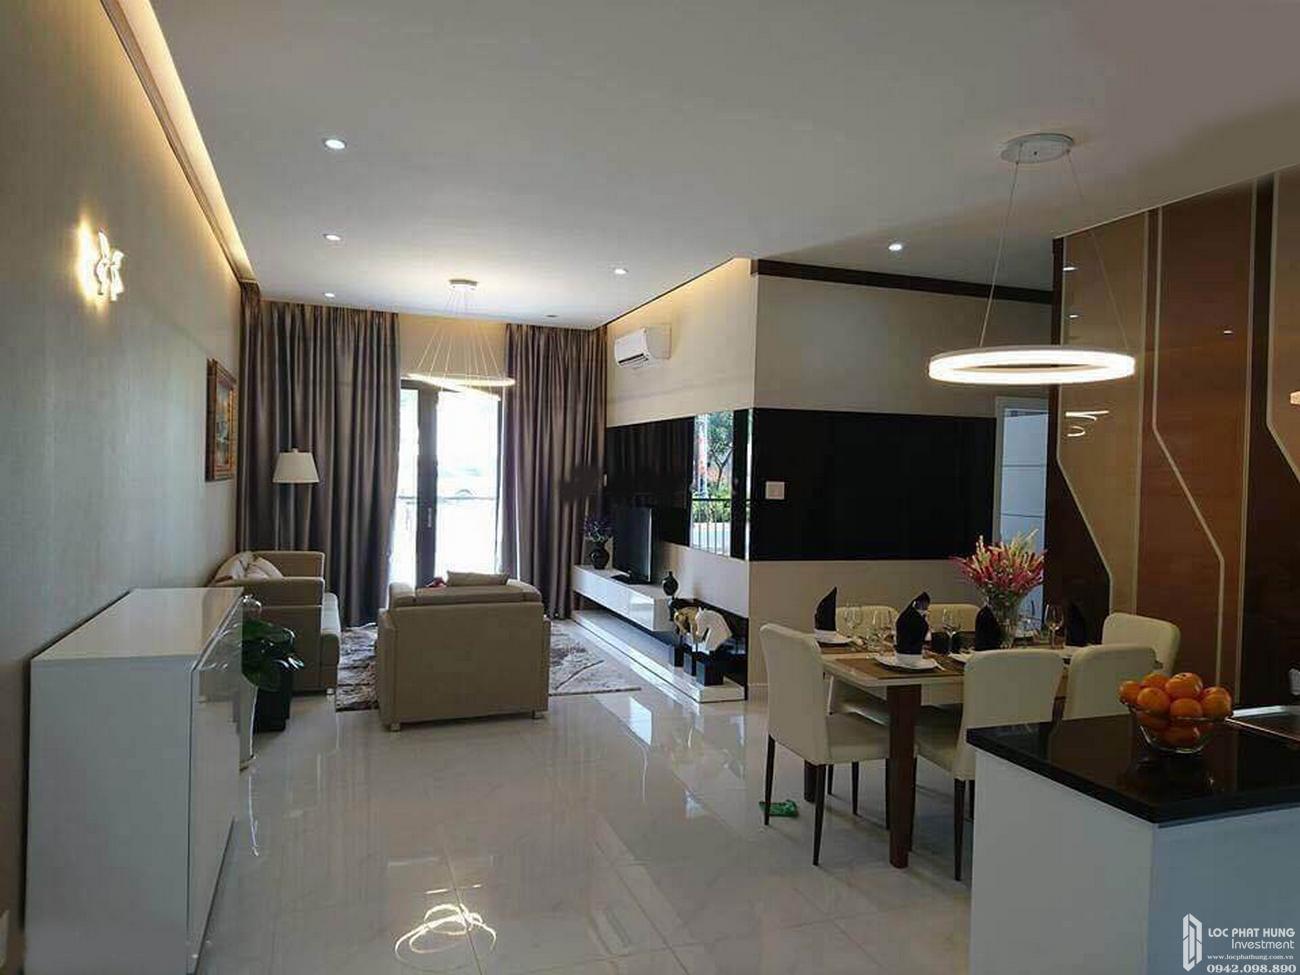 Nội thất dự án nhà phố Merita Quận 9 Đường Liên Phường chủ đầu tư Khang Điền